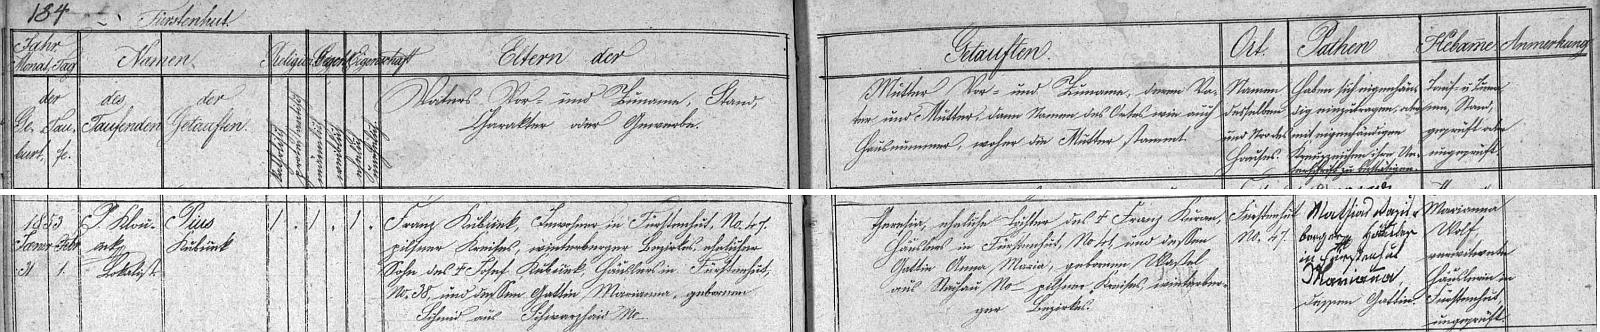 """Narodil se 9. srpna roku 1852 na čp. 38 v Knížecích Pláních Jakobu Kubíčkovi (písmeno """"j"""" figuruje v příjmení namísto pozdějšího """"í""""), jehož otec Josef byl zdejším chalupníkem v témže stavení, matka Marie Anna byla pak roz. Schmidtová z Černých Lad (Schwarzhaid) u Nového Světa (Neugebäu), a jeho ženě Marii Anně, dceři Jakoba Edera z Knížecích Plání čp. 12 a Marie Anny, roz. Harantové rovněž z Knížecích Plání"""